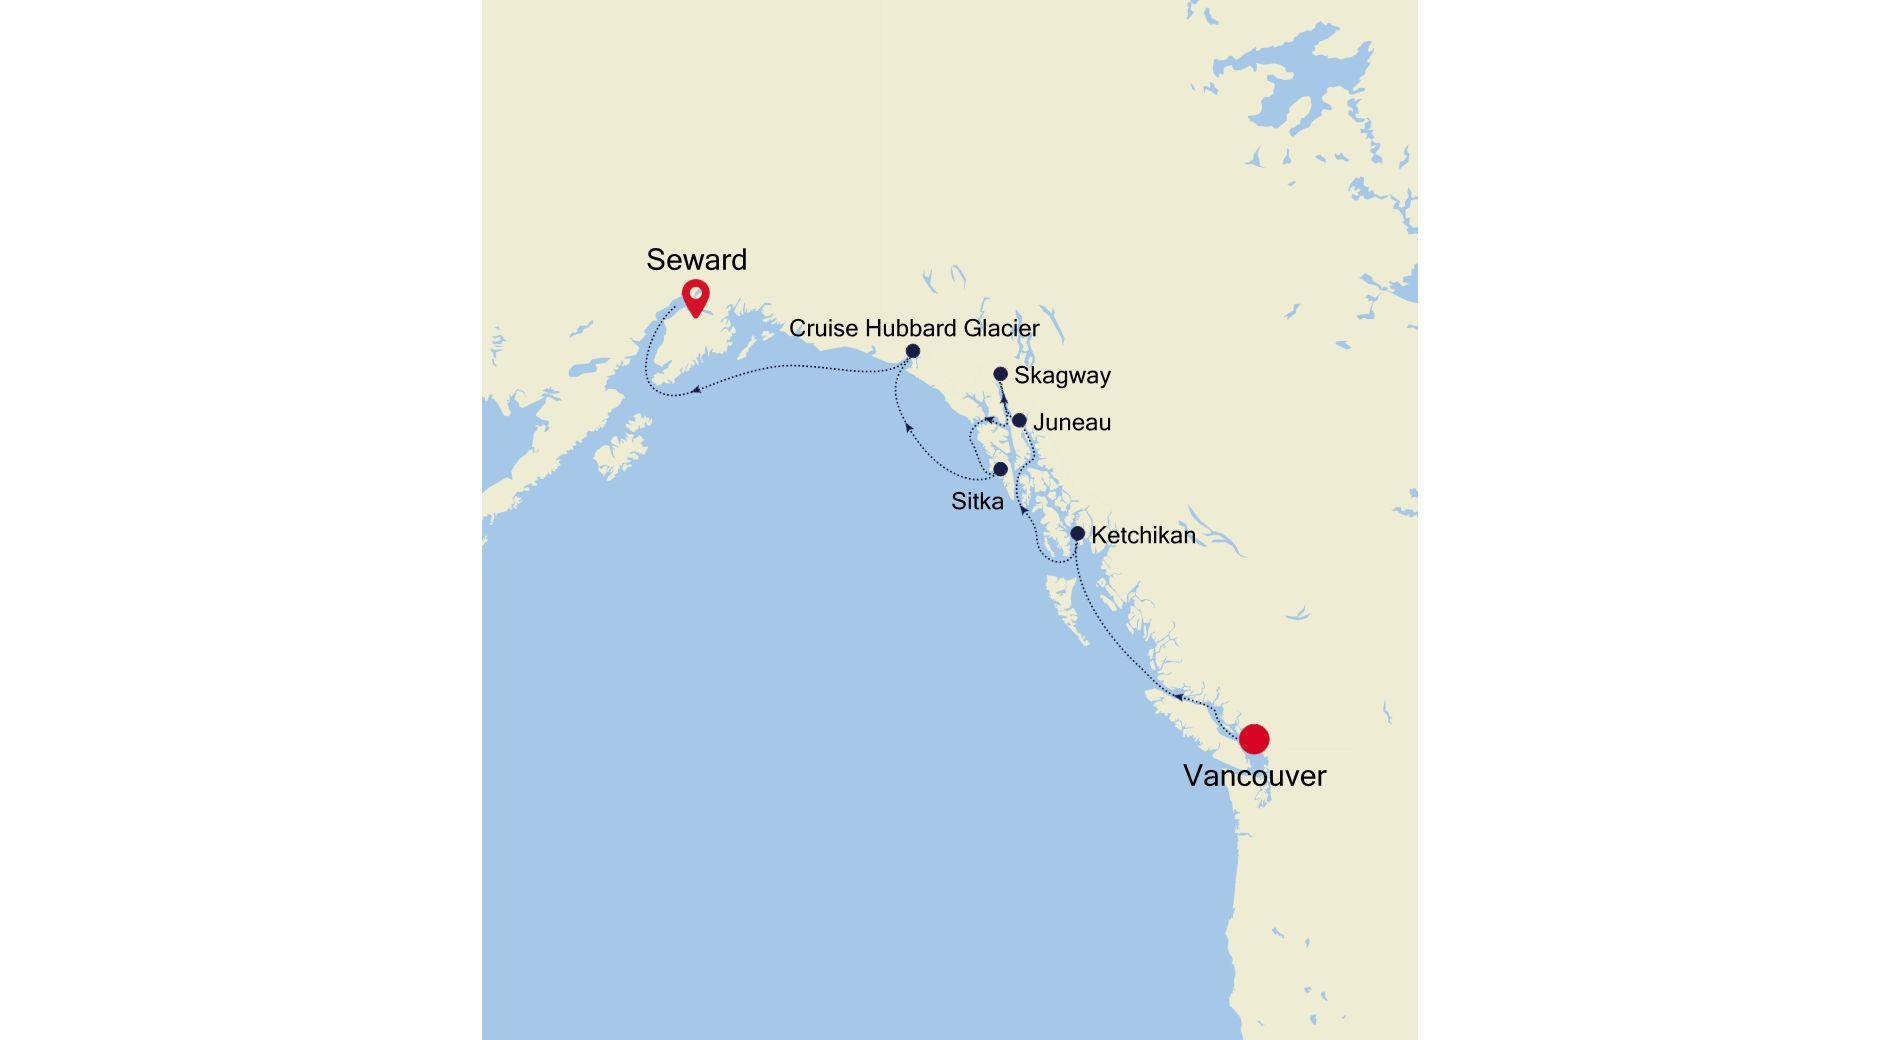 6924 - Vancouver à Seward